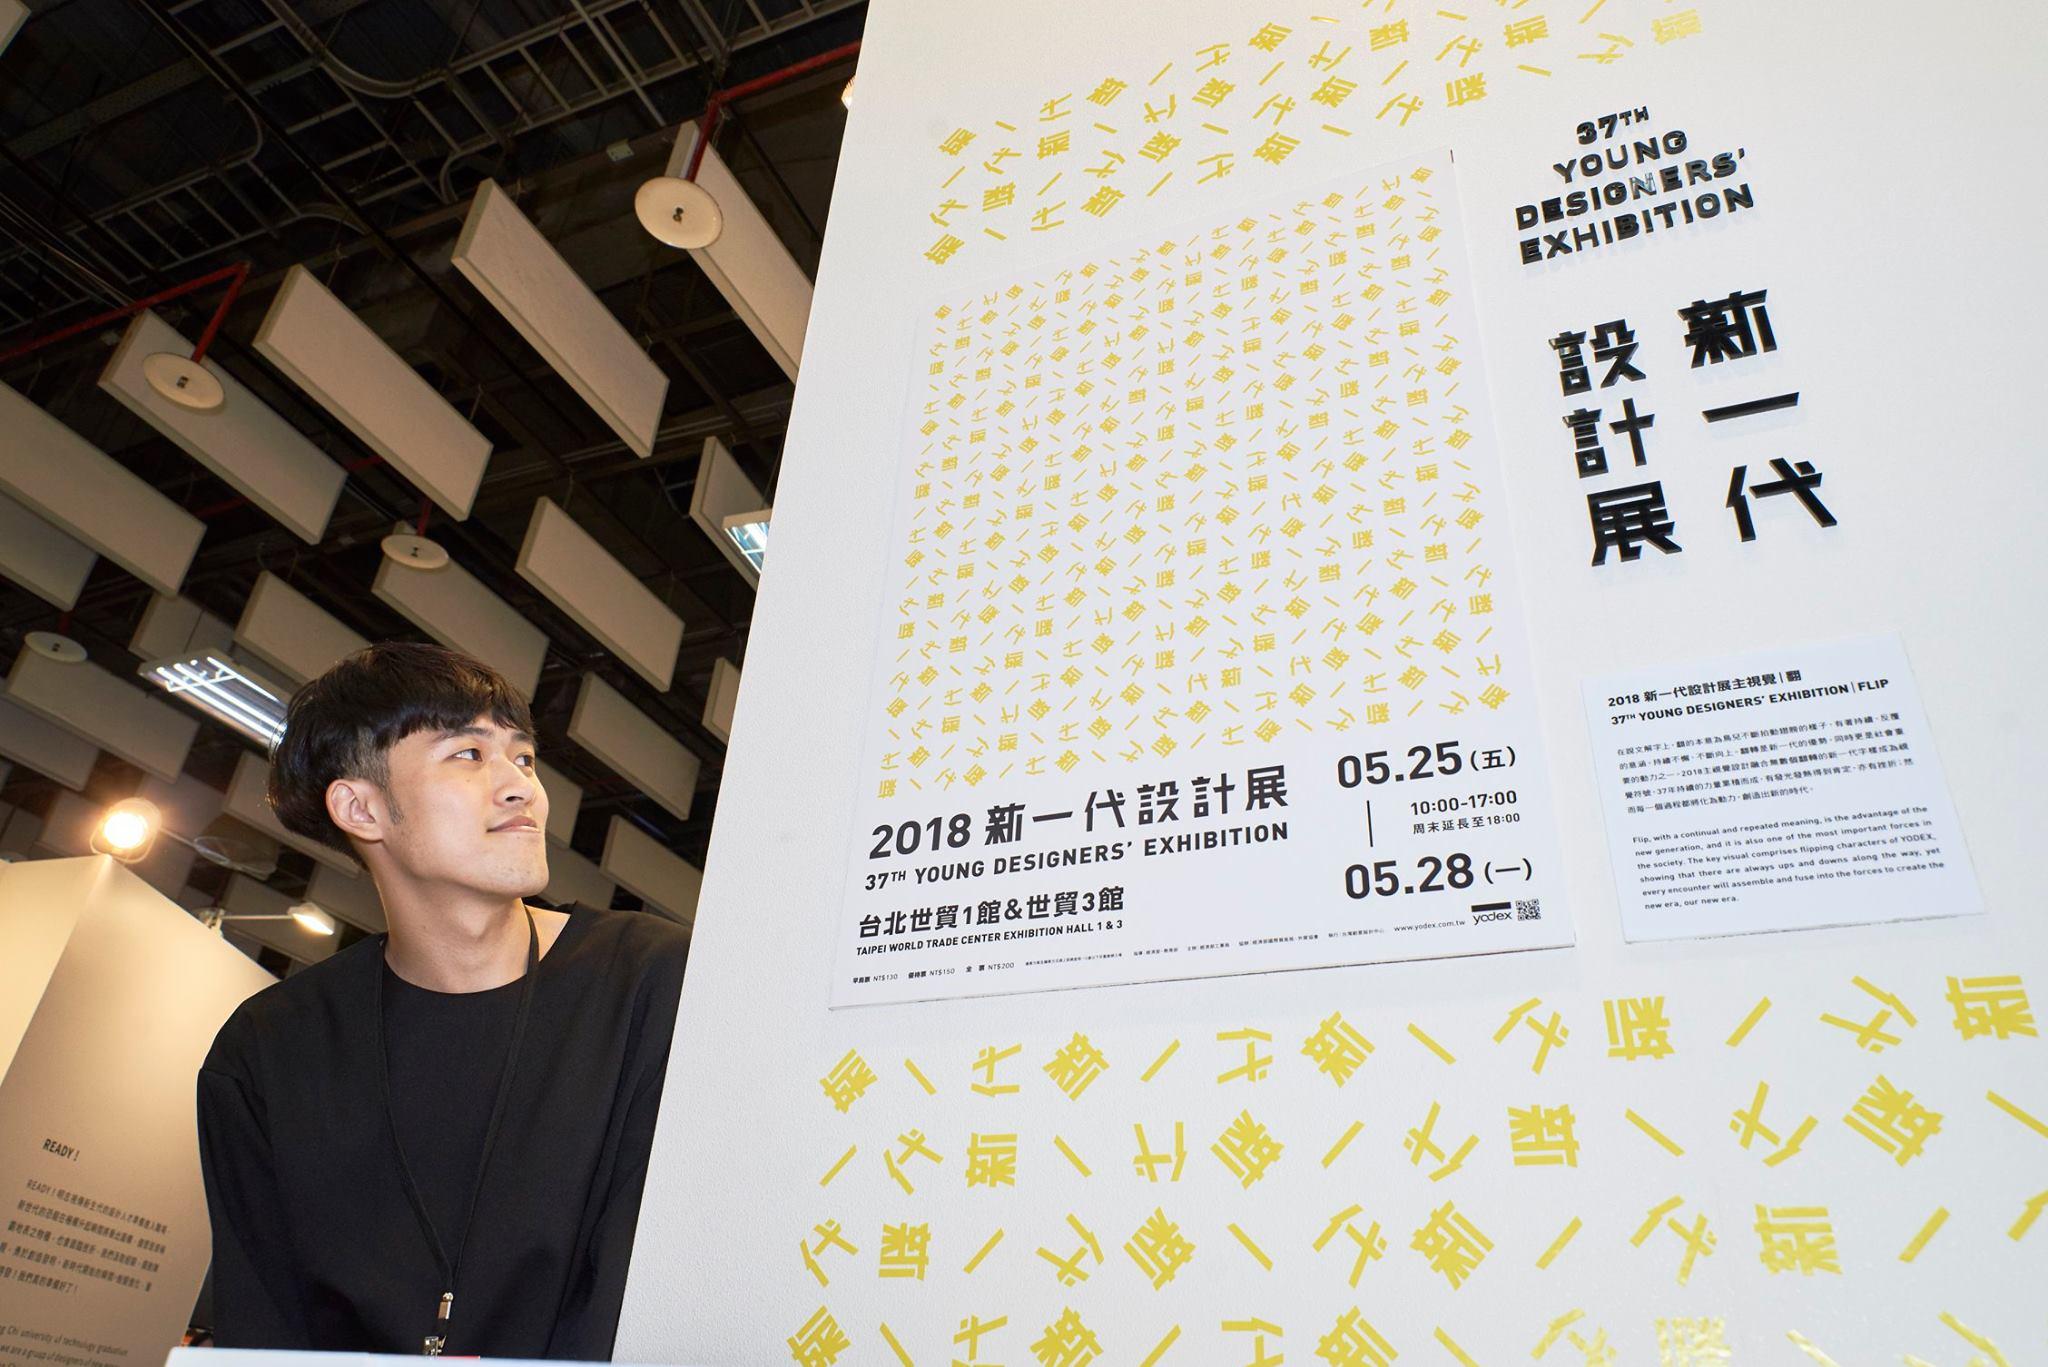 立委蘇巧慧參觀2018年新一代設計展